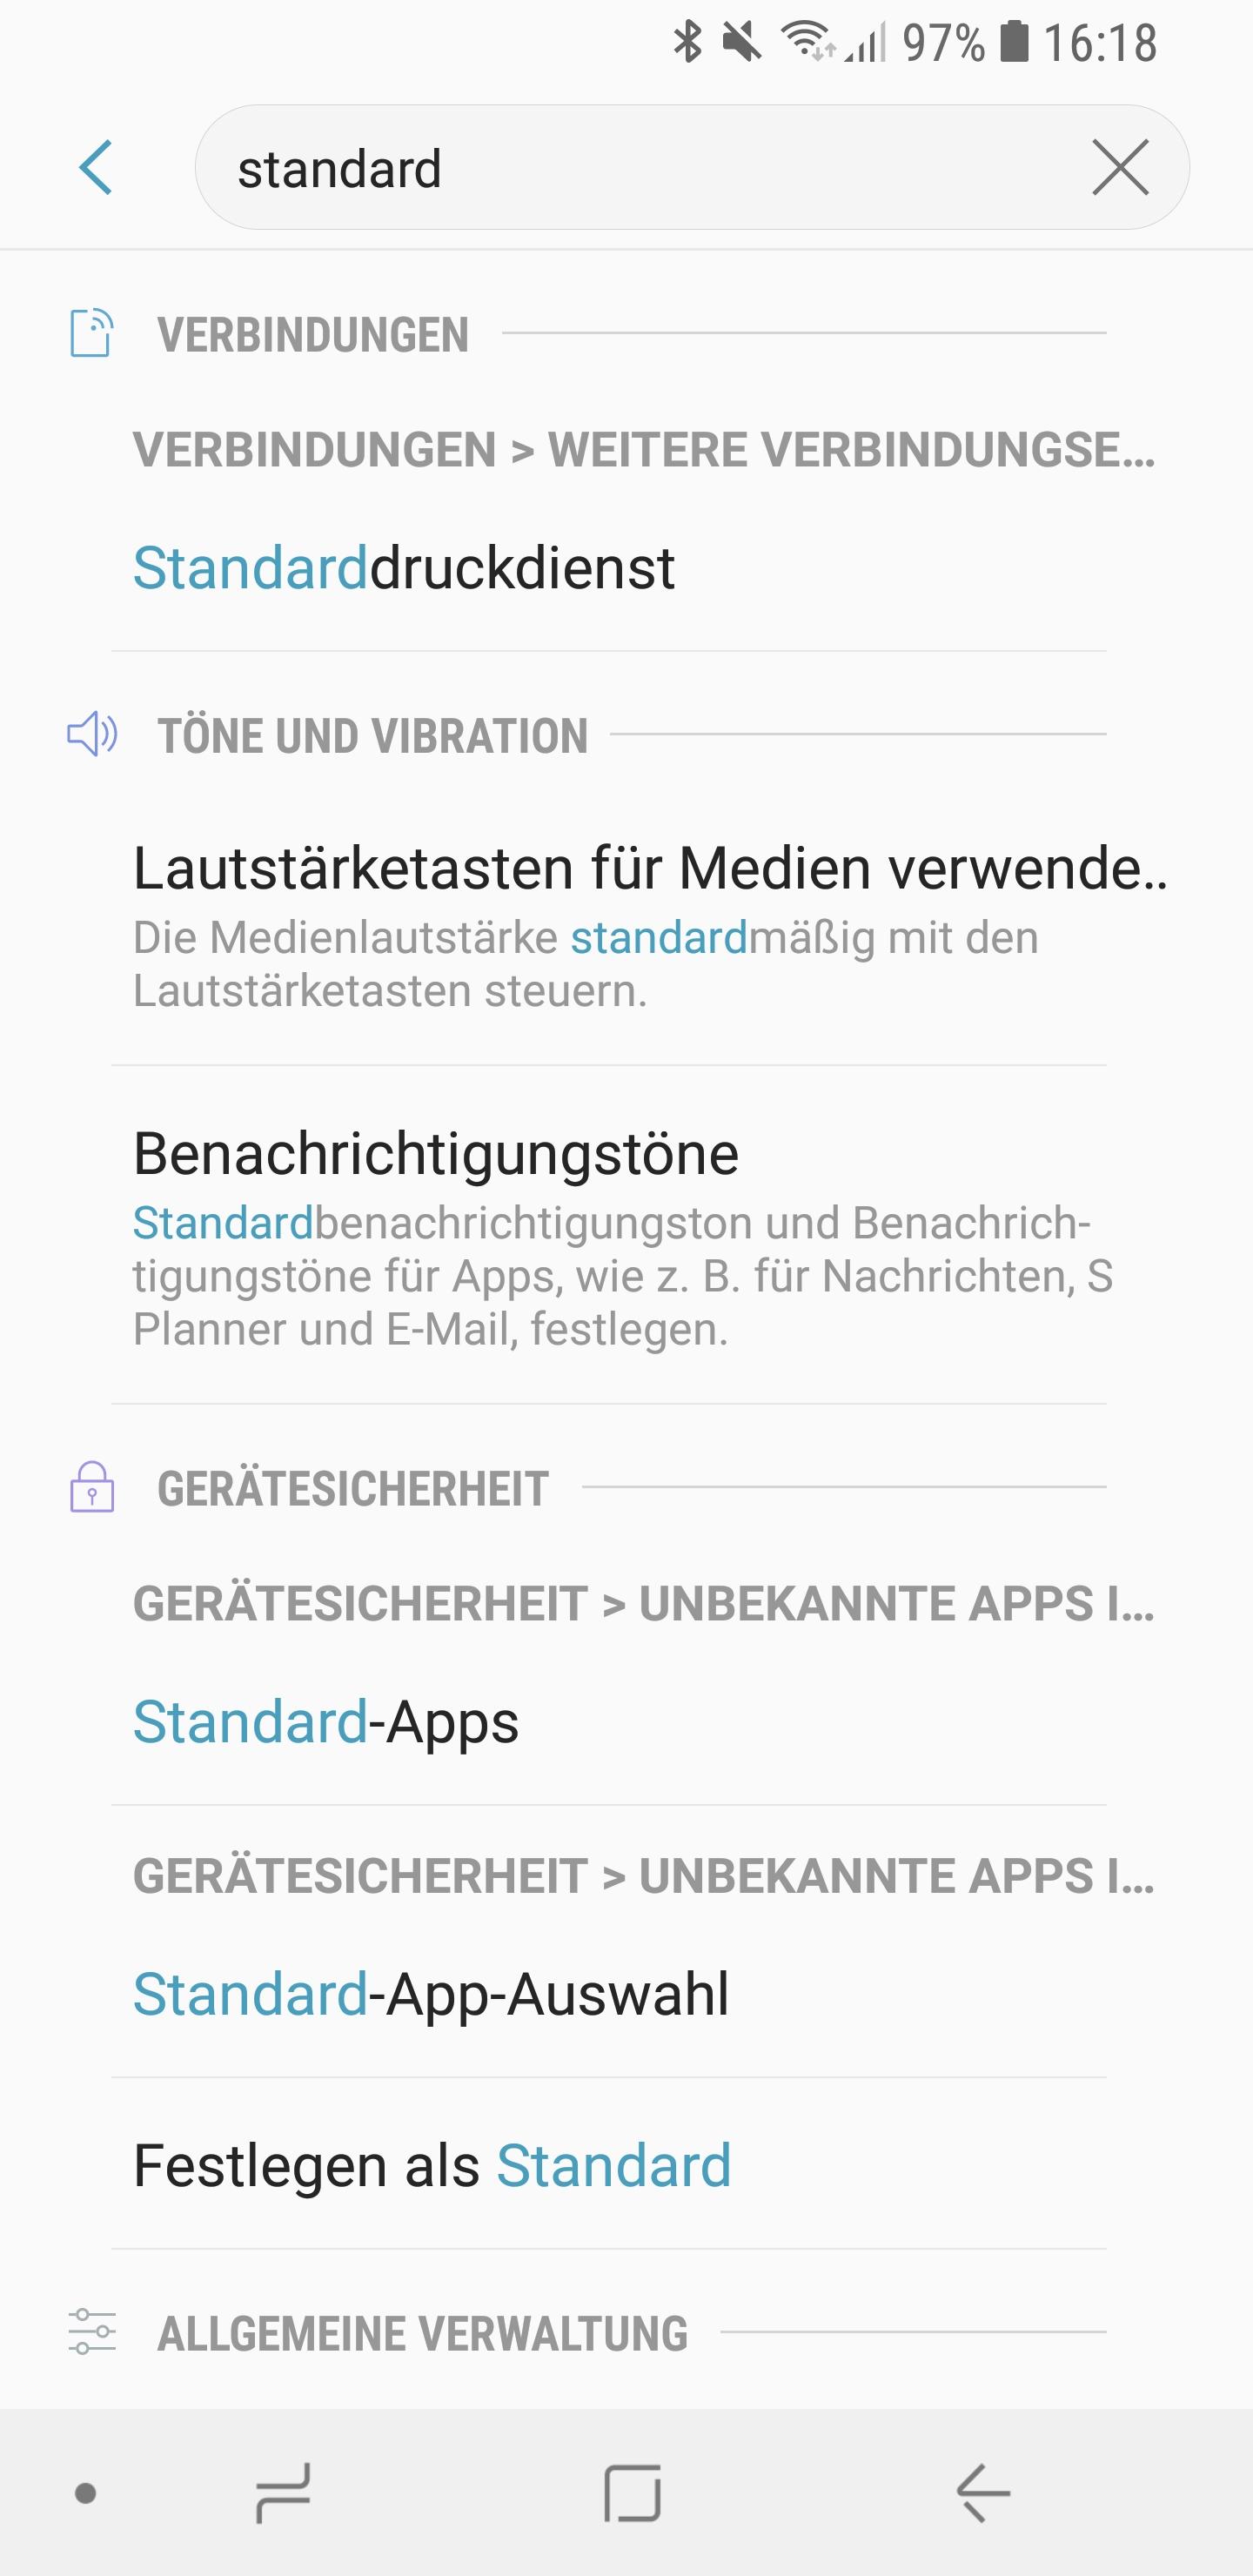 Amazon Alexa als Standard Sprachassistent auf Smartphone 02